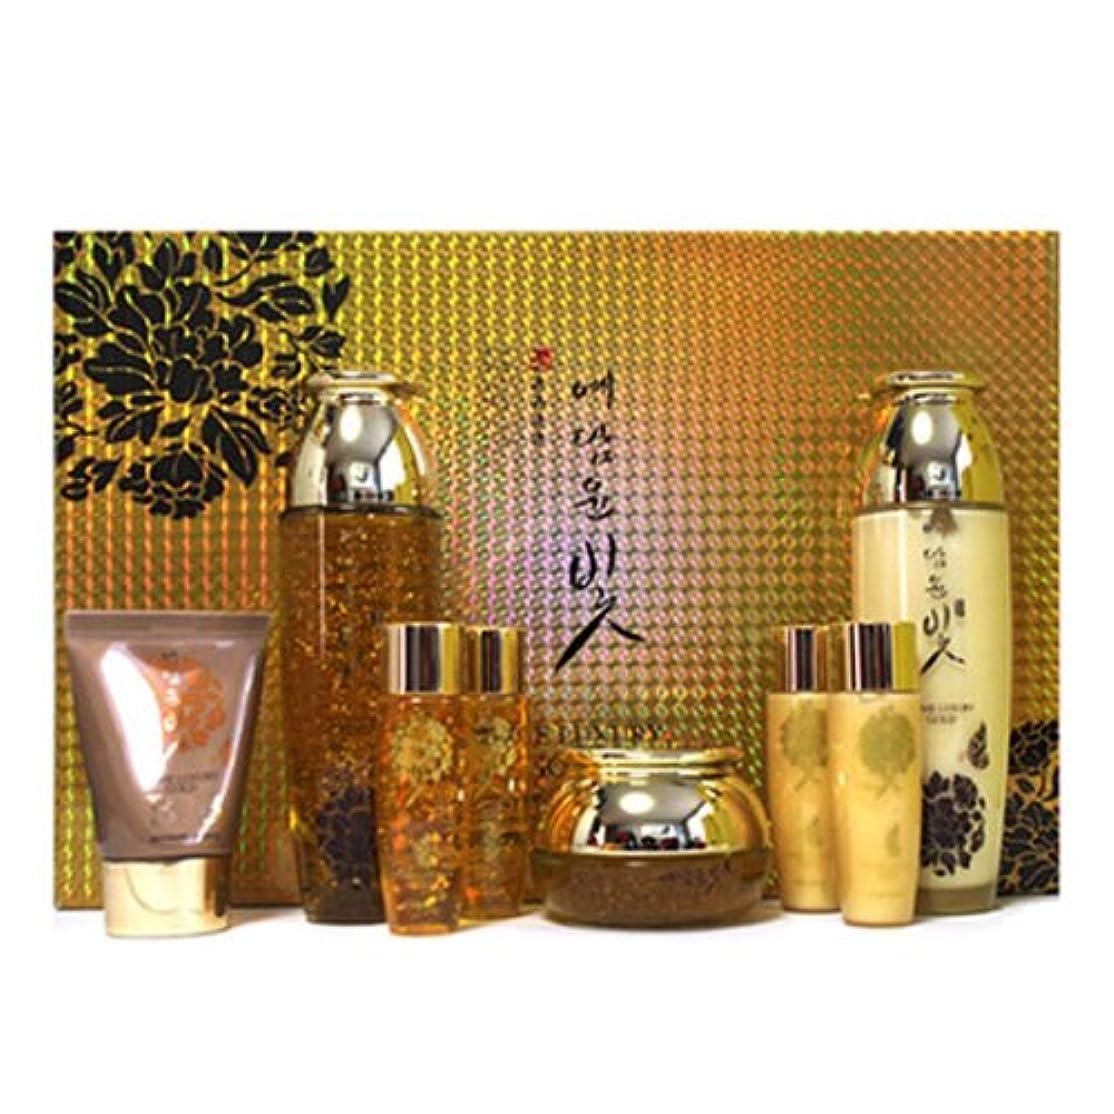 記憶に残るクリスチャン脅かすイェダムユンビト[韓国コスメYedam Yun Bit]Prime Luxury Gold Skin Care Set プライムラグジュアリーゴールドスキンケア4セット 樹液 乳液 クリーム/ BBクリーム [並行輸入品]